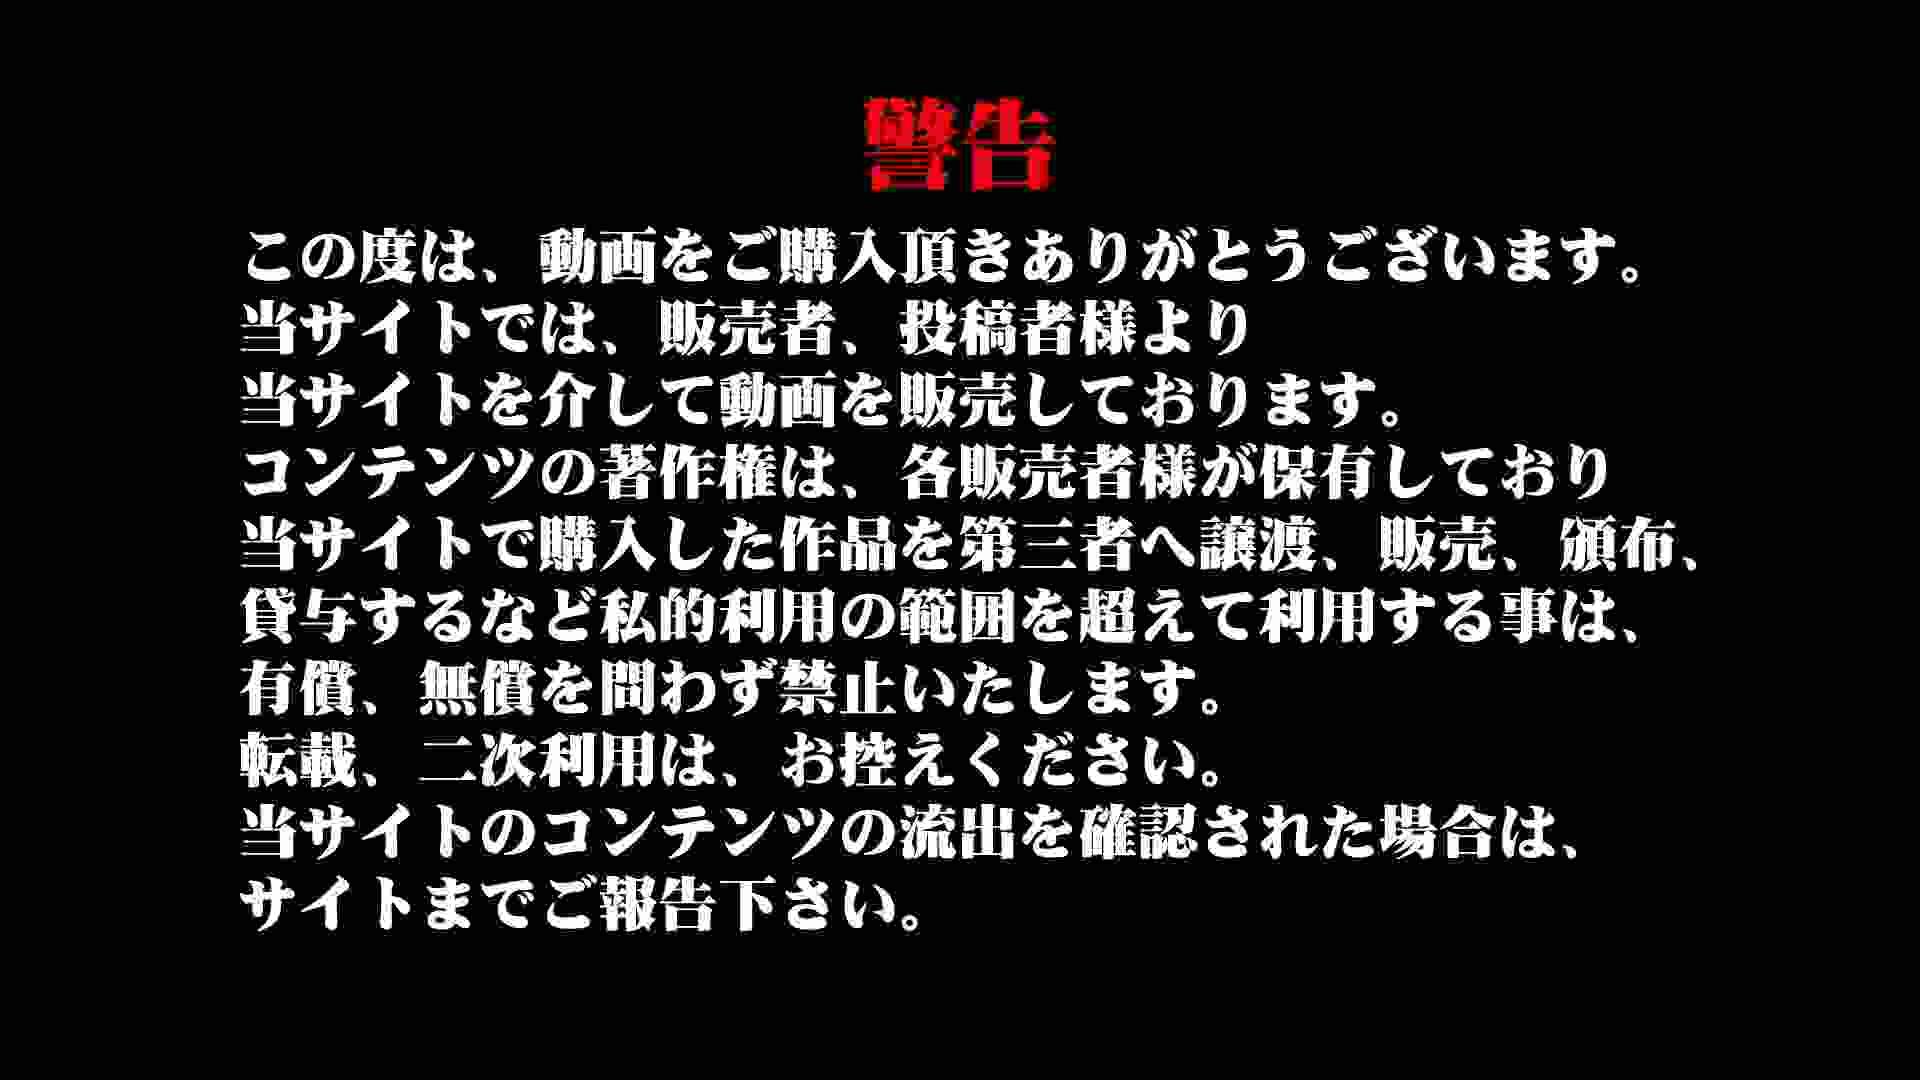 Aquaな露天風呂Vol.921 盗撮特集 | 露天  93画像 4